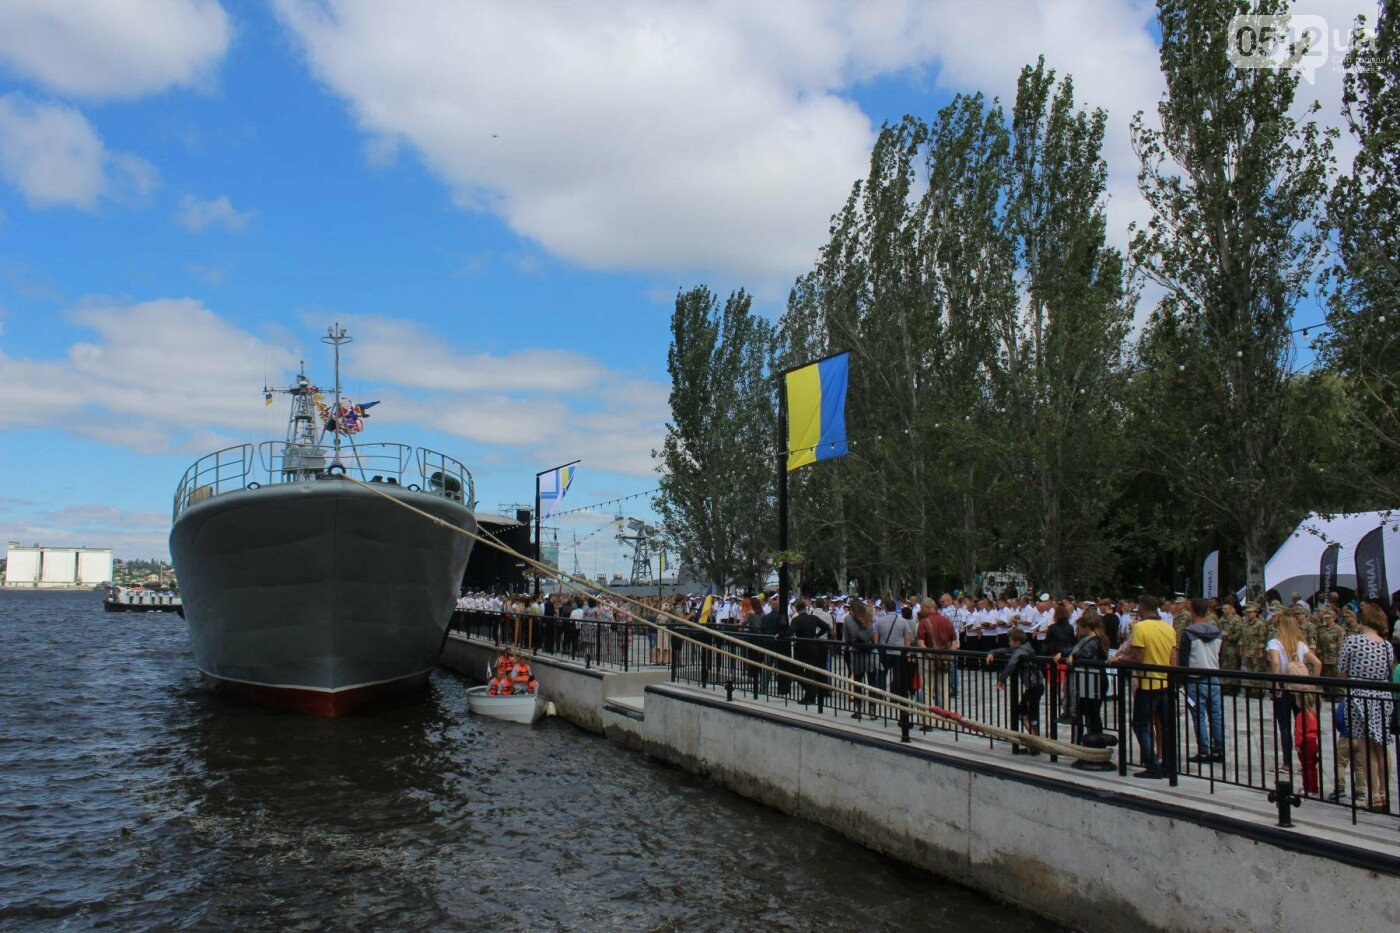 Полевая кухня, марш военных и выставка техники: как в Николаеве отмечали День ВМС Украины, фото-27